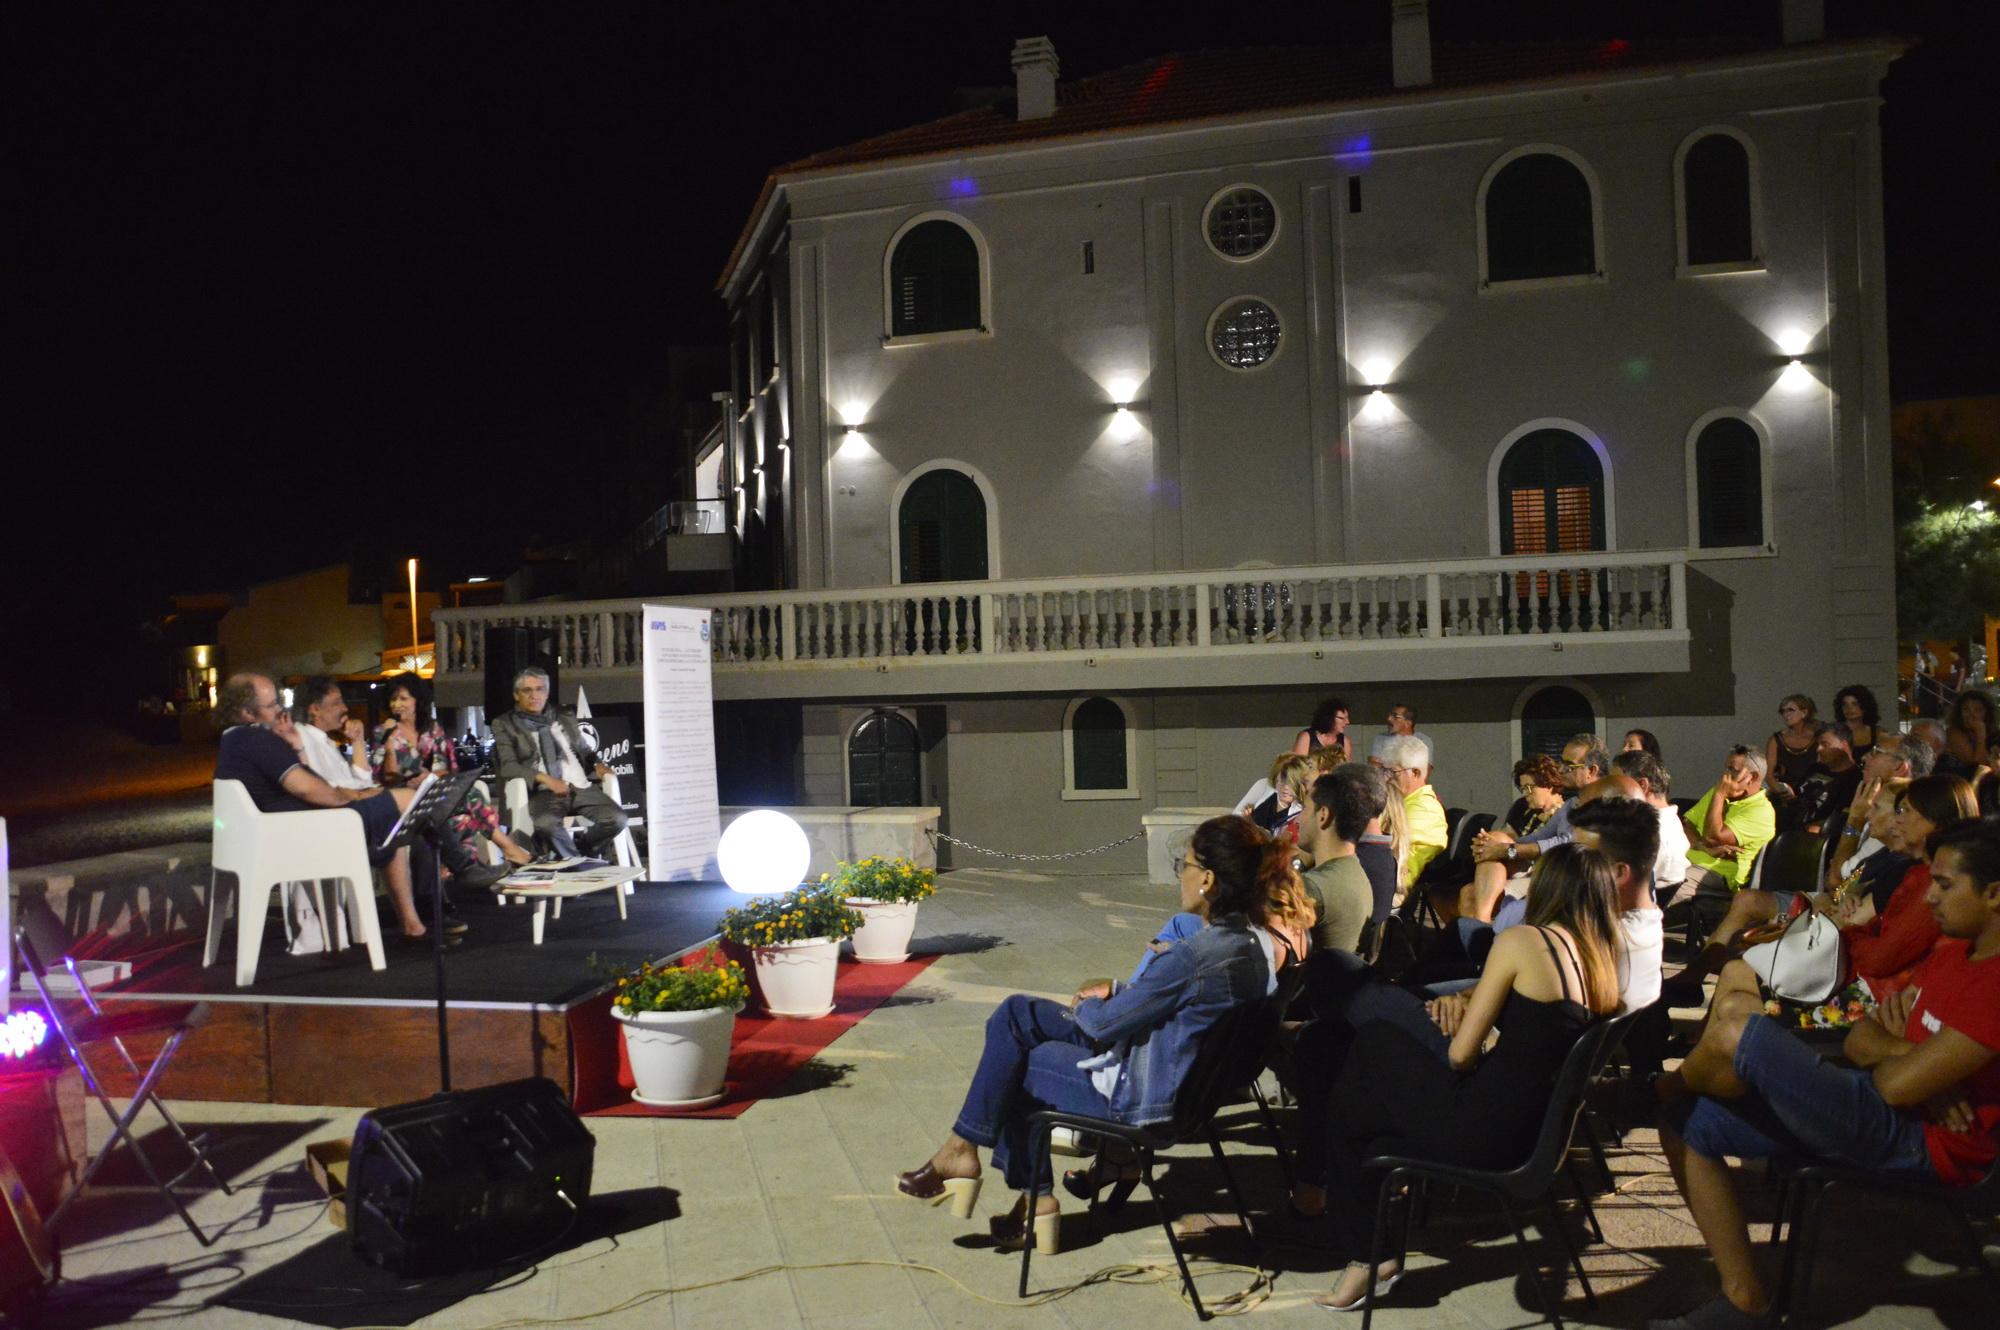 P.Secca onora la cultura poliedrica di Schembari: foto e video della serata